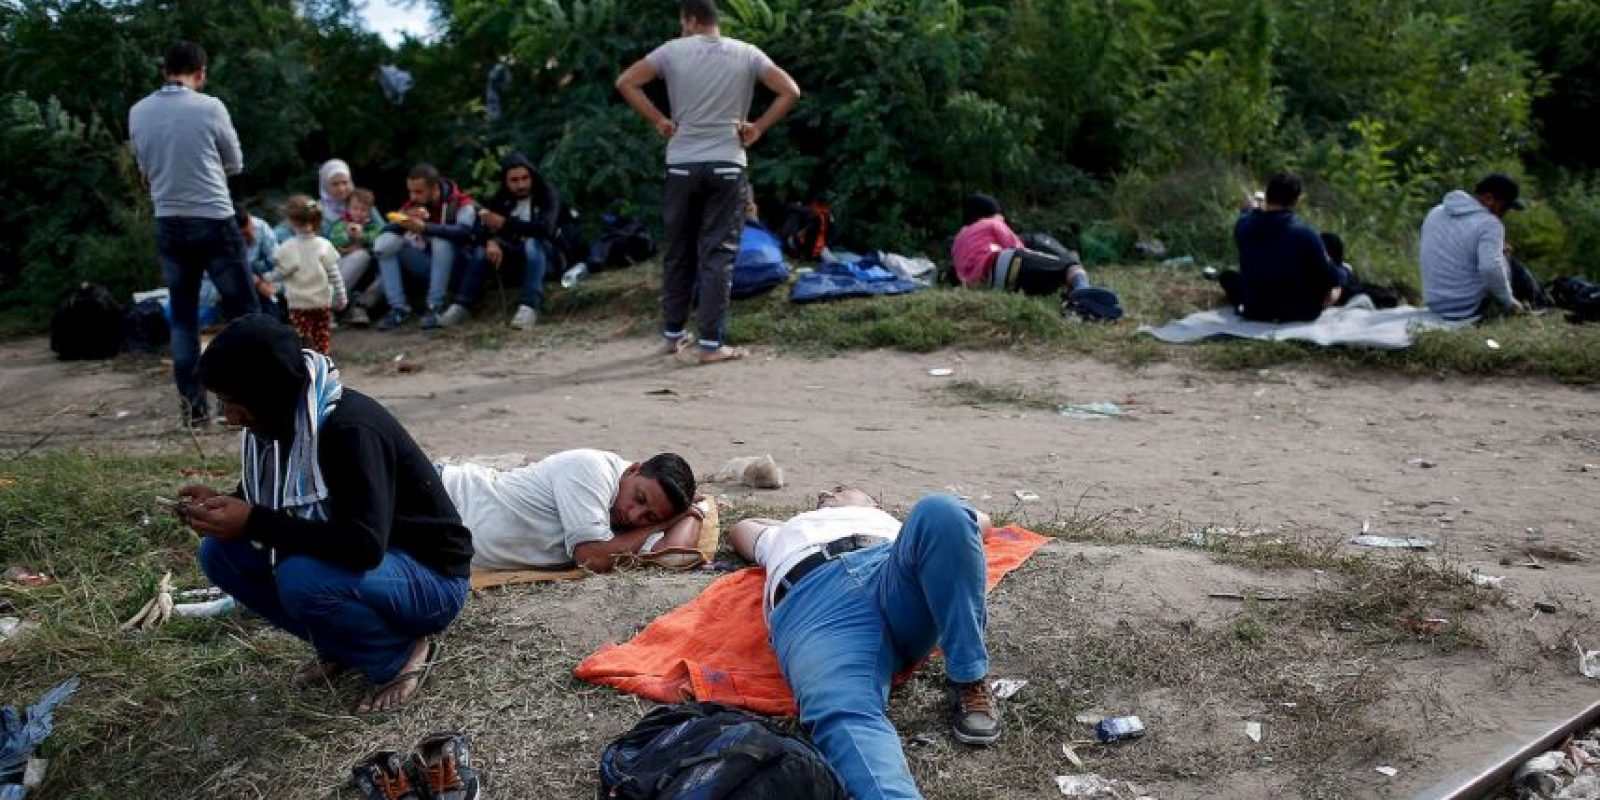 Con esto buscan frenar el éxodo de sirios a Europa. Foto:Getty Images